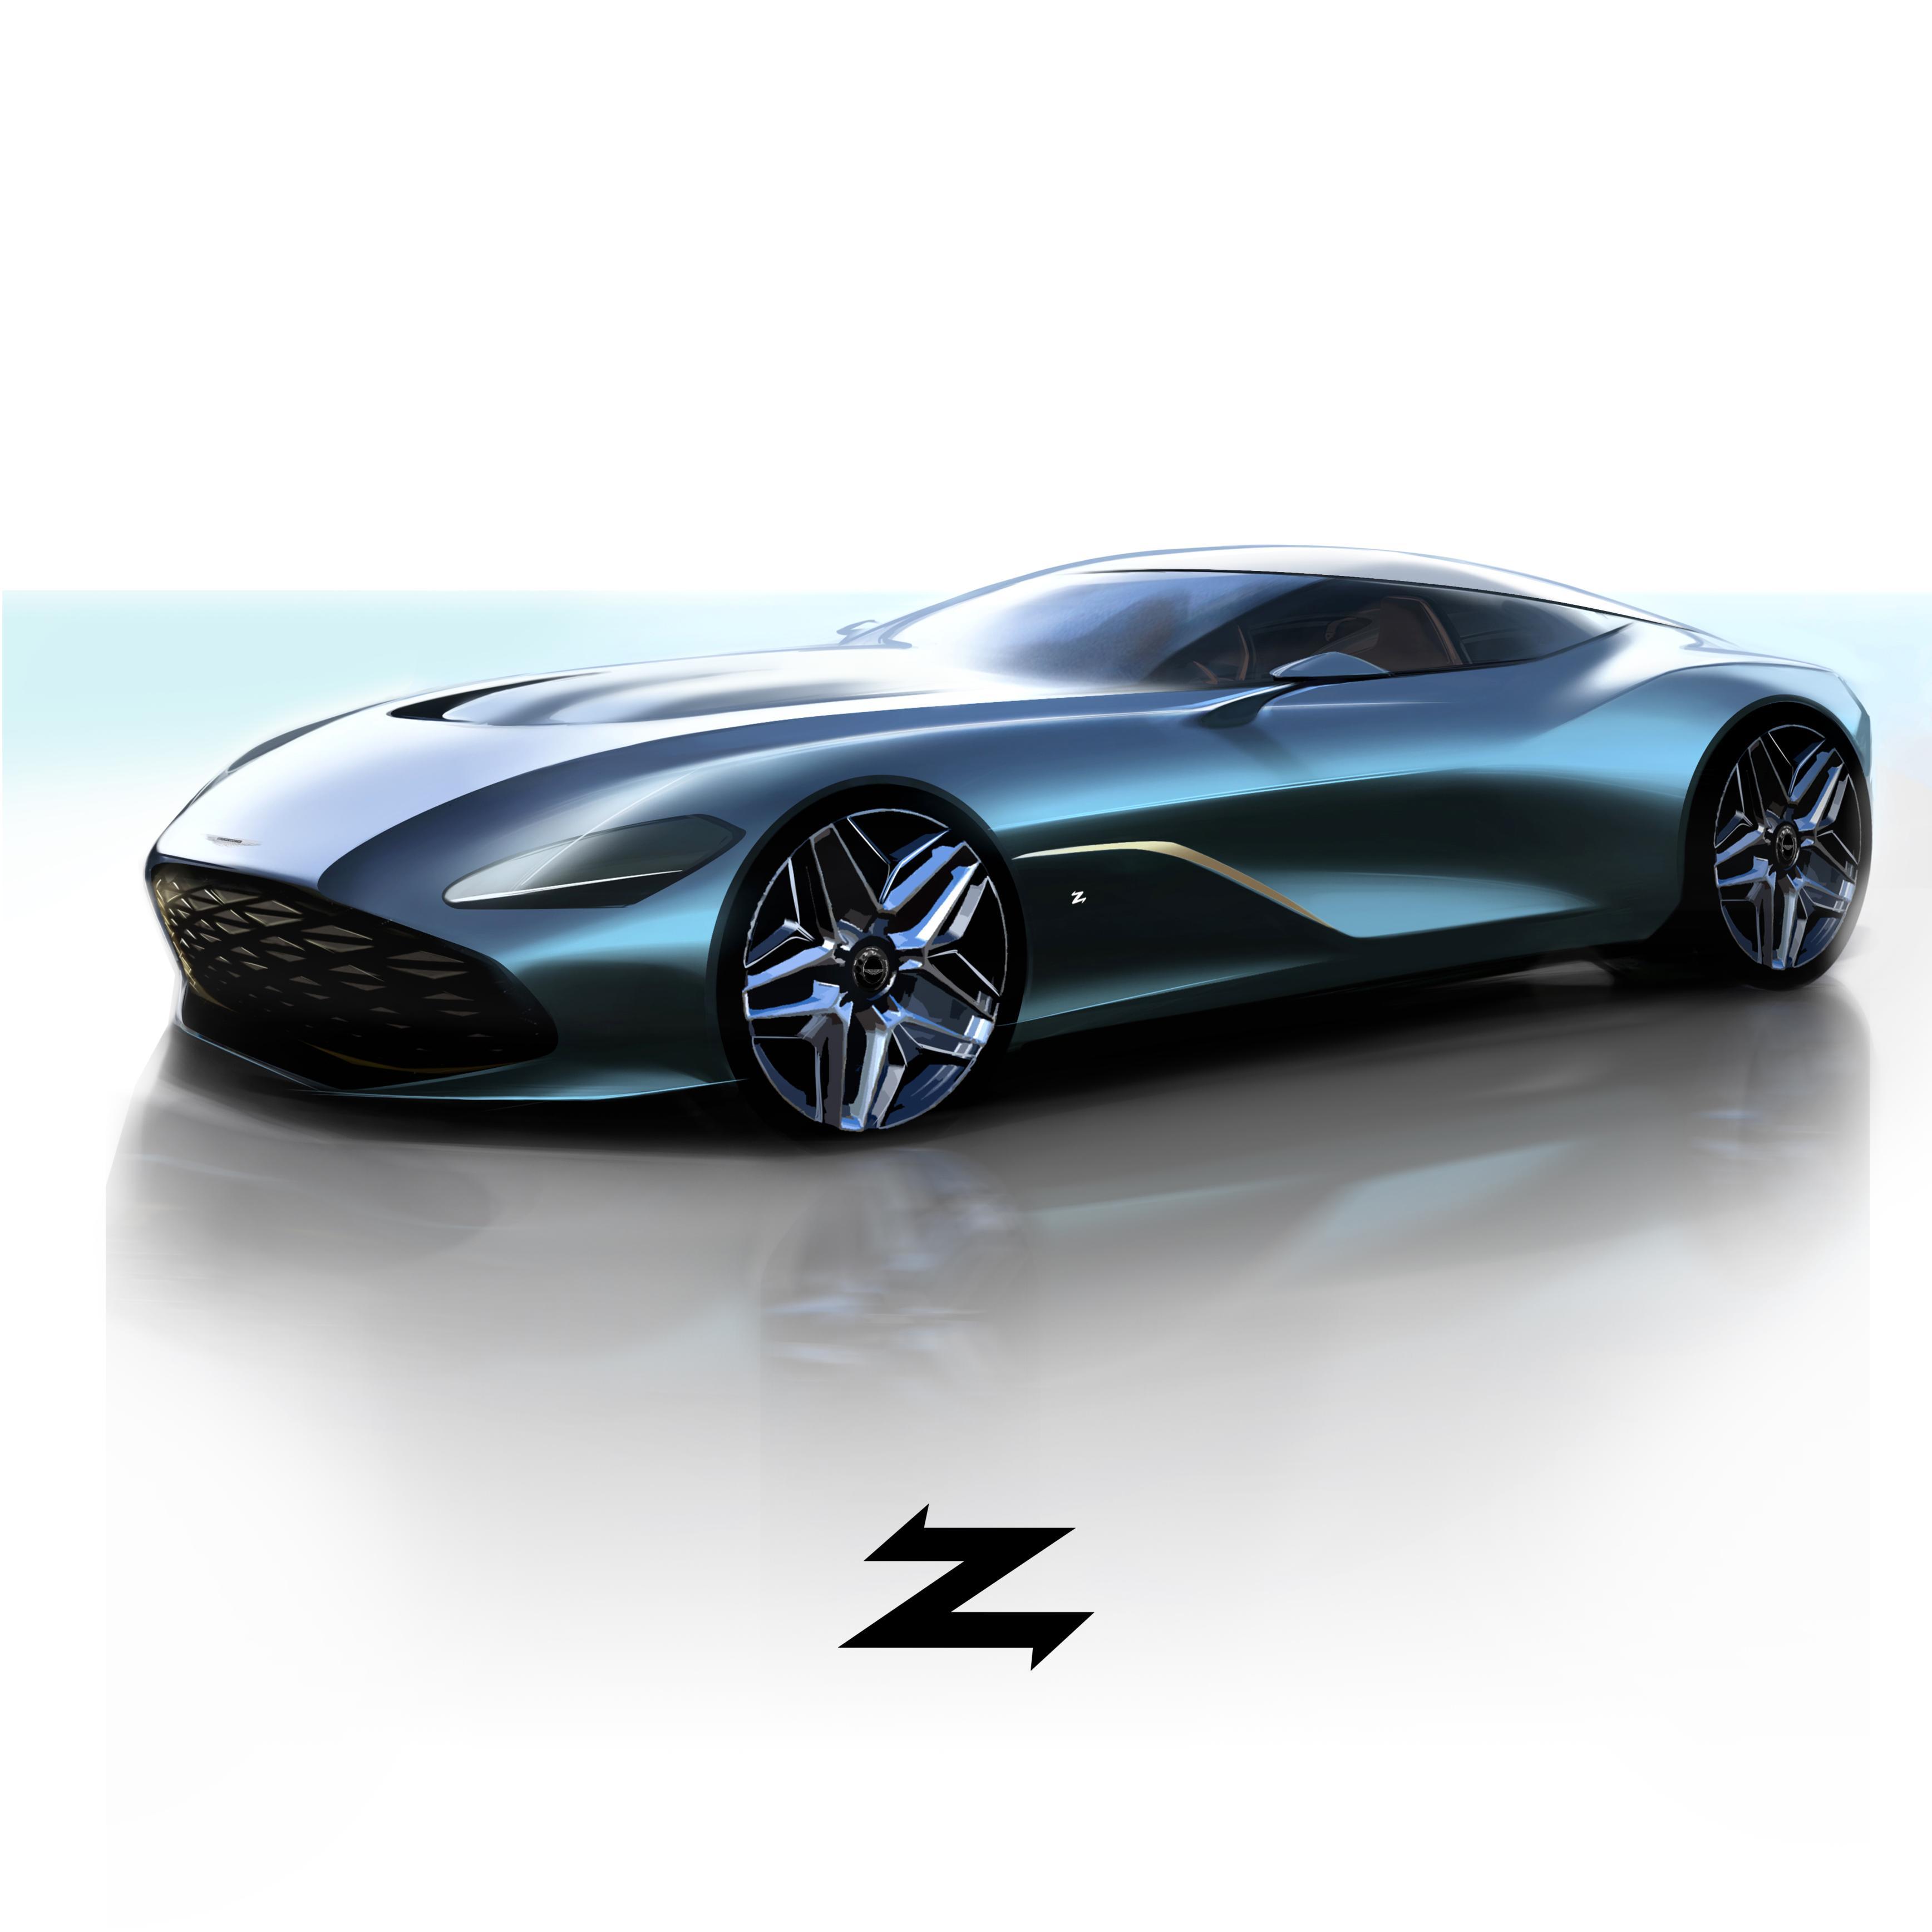 Photo of Tasarımın son noktası; DBS GT Zagato